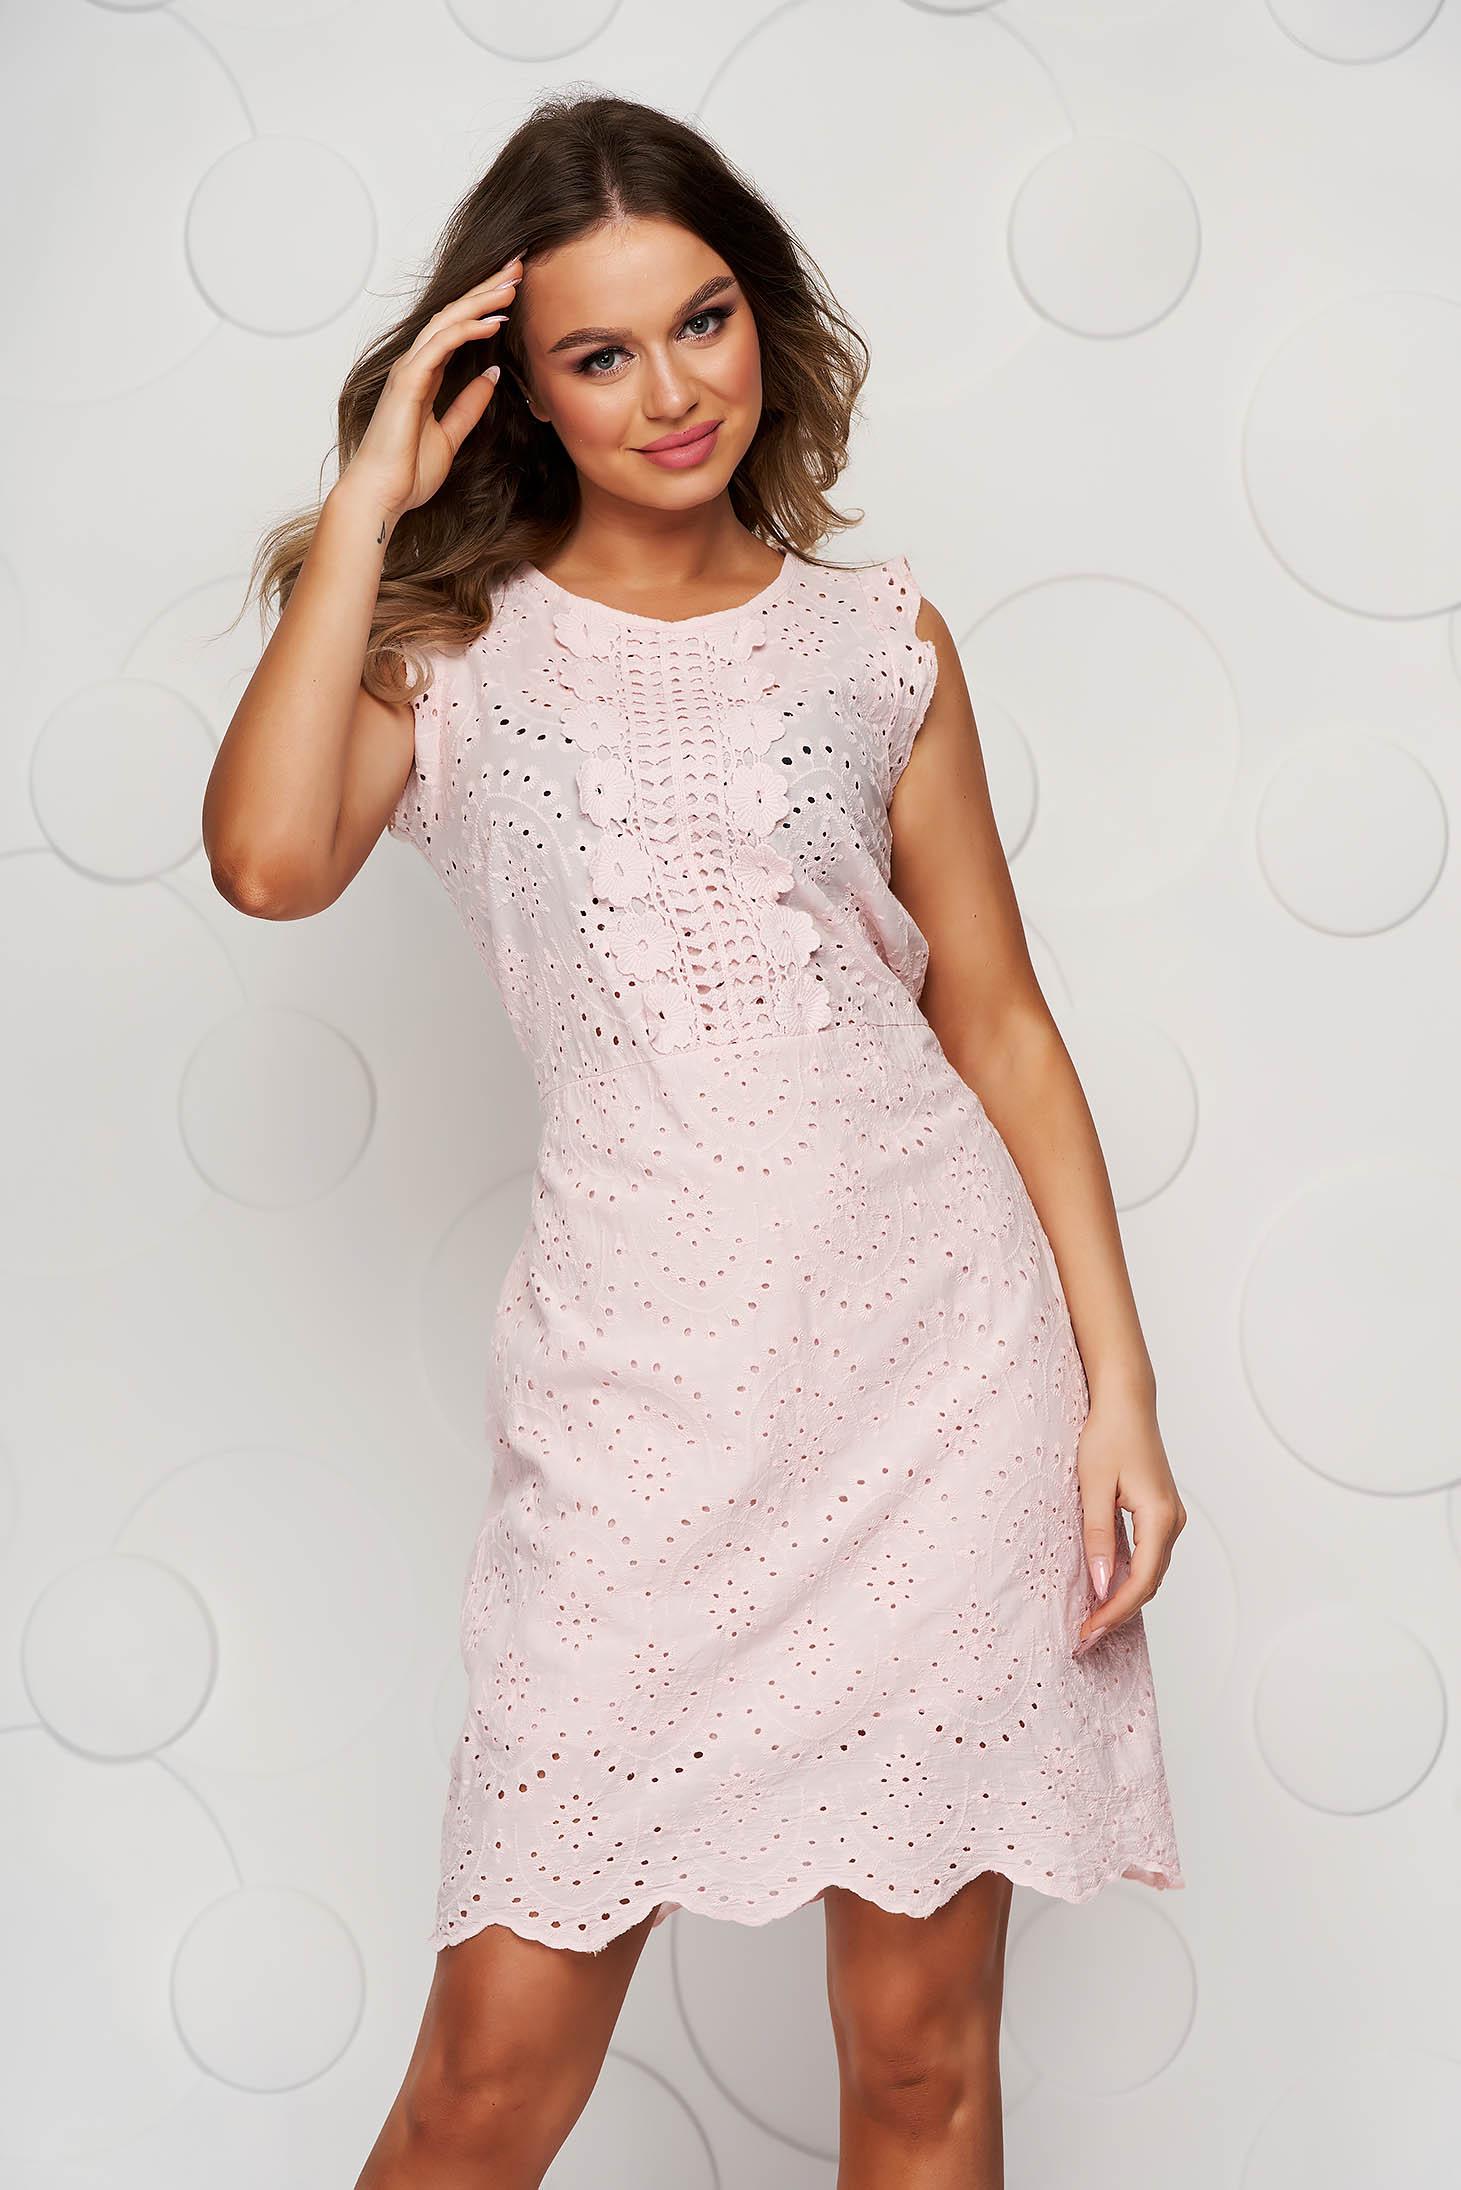 Rochie roz deschis din ghipură cu croi drept cu cordon care se leaga la spate